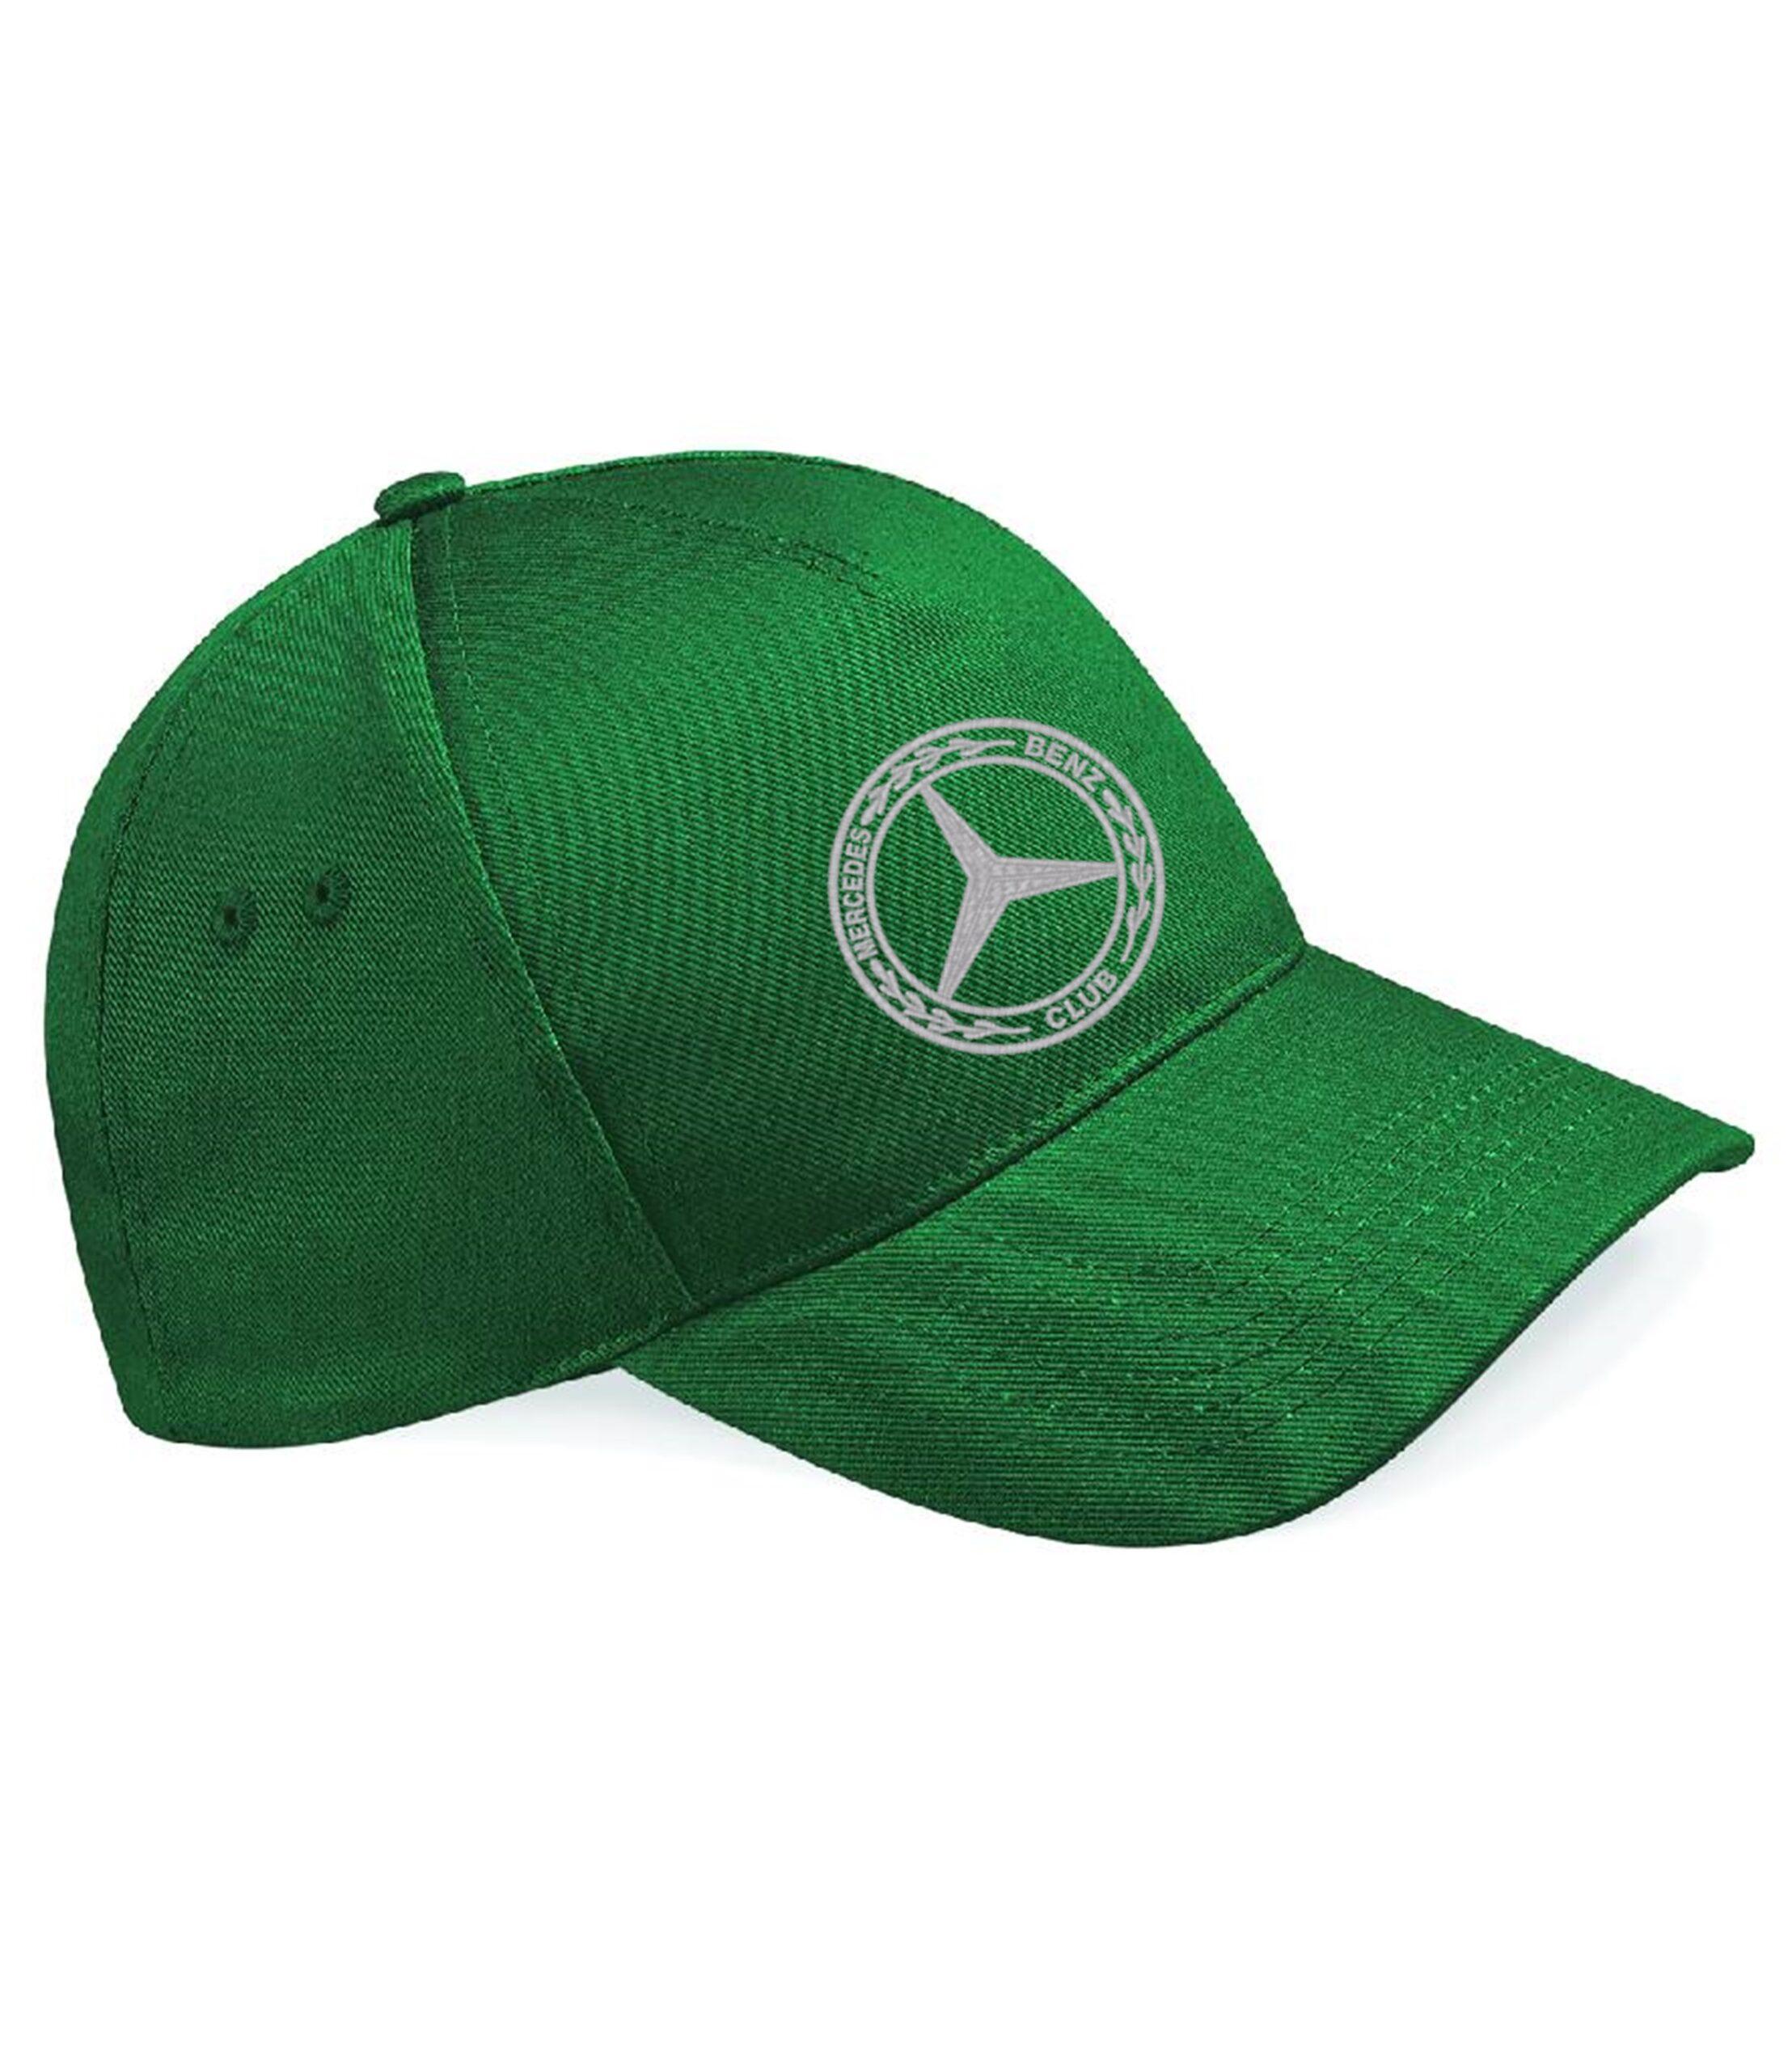 Mercedes-Benz Club Cap Green